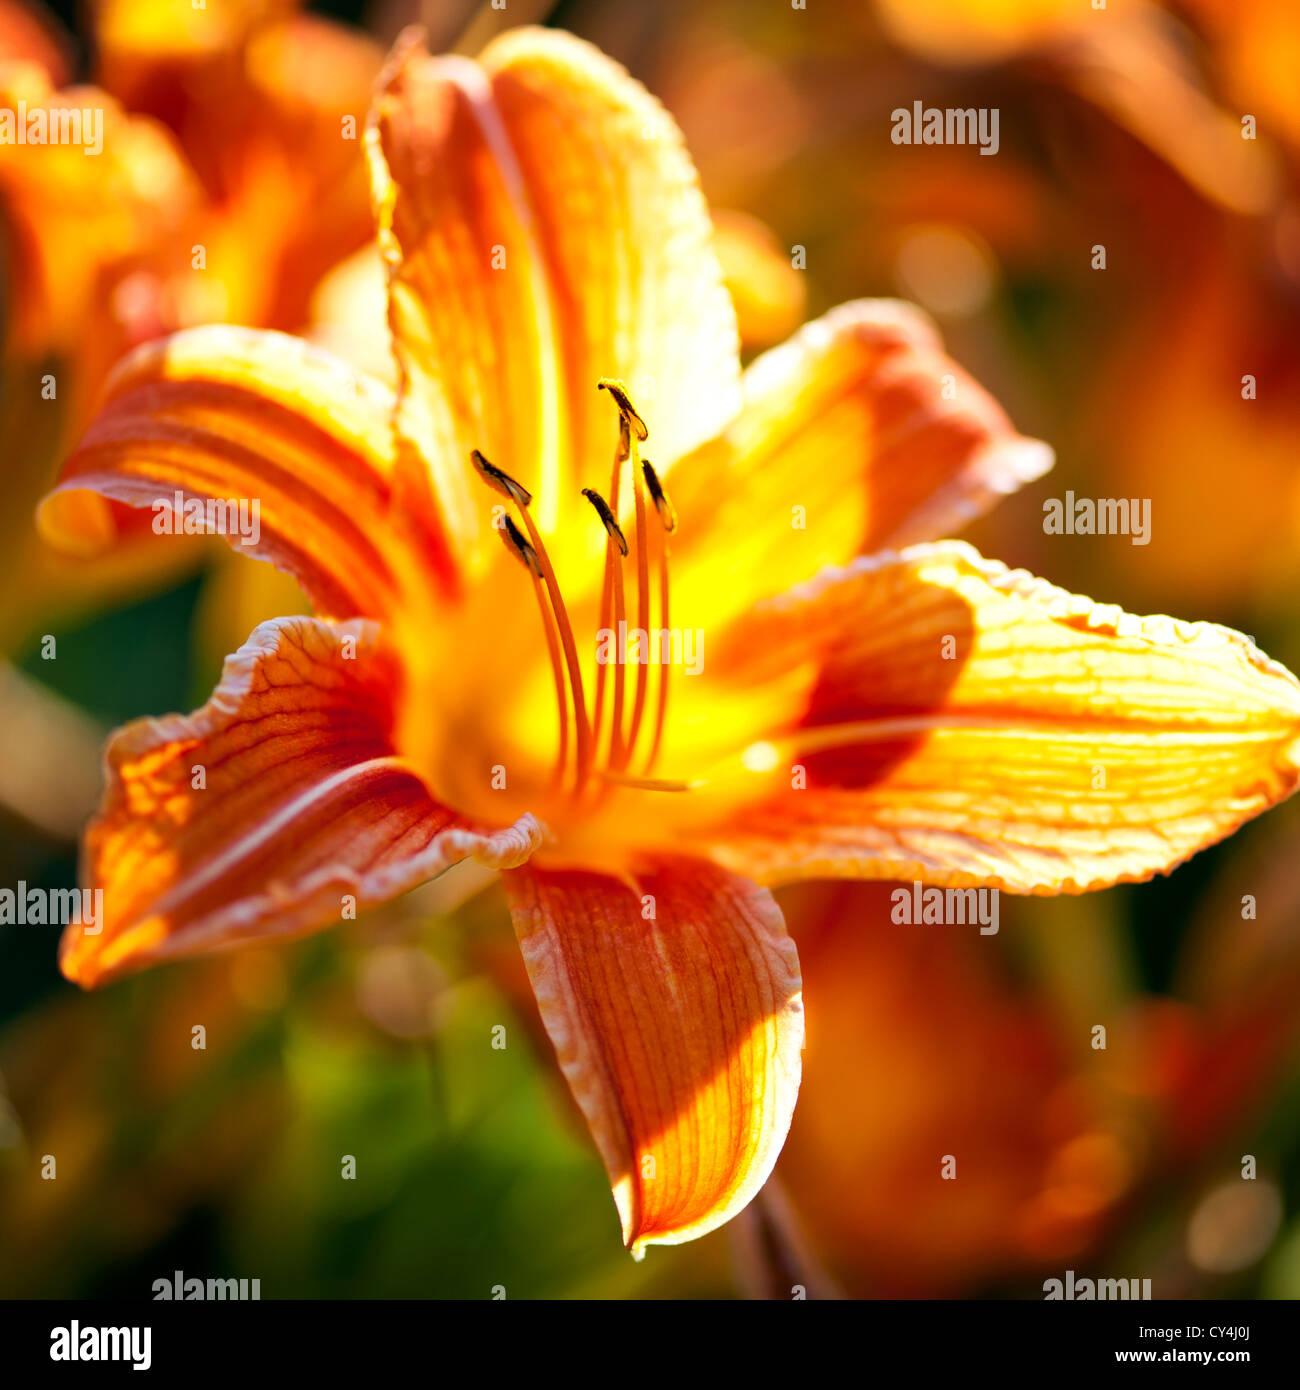 Belles fleurs orange tiger lily foisonnent dans jardin Photo Stock